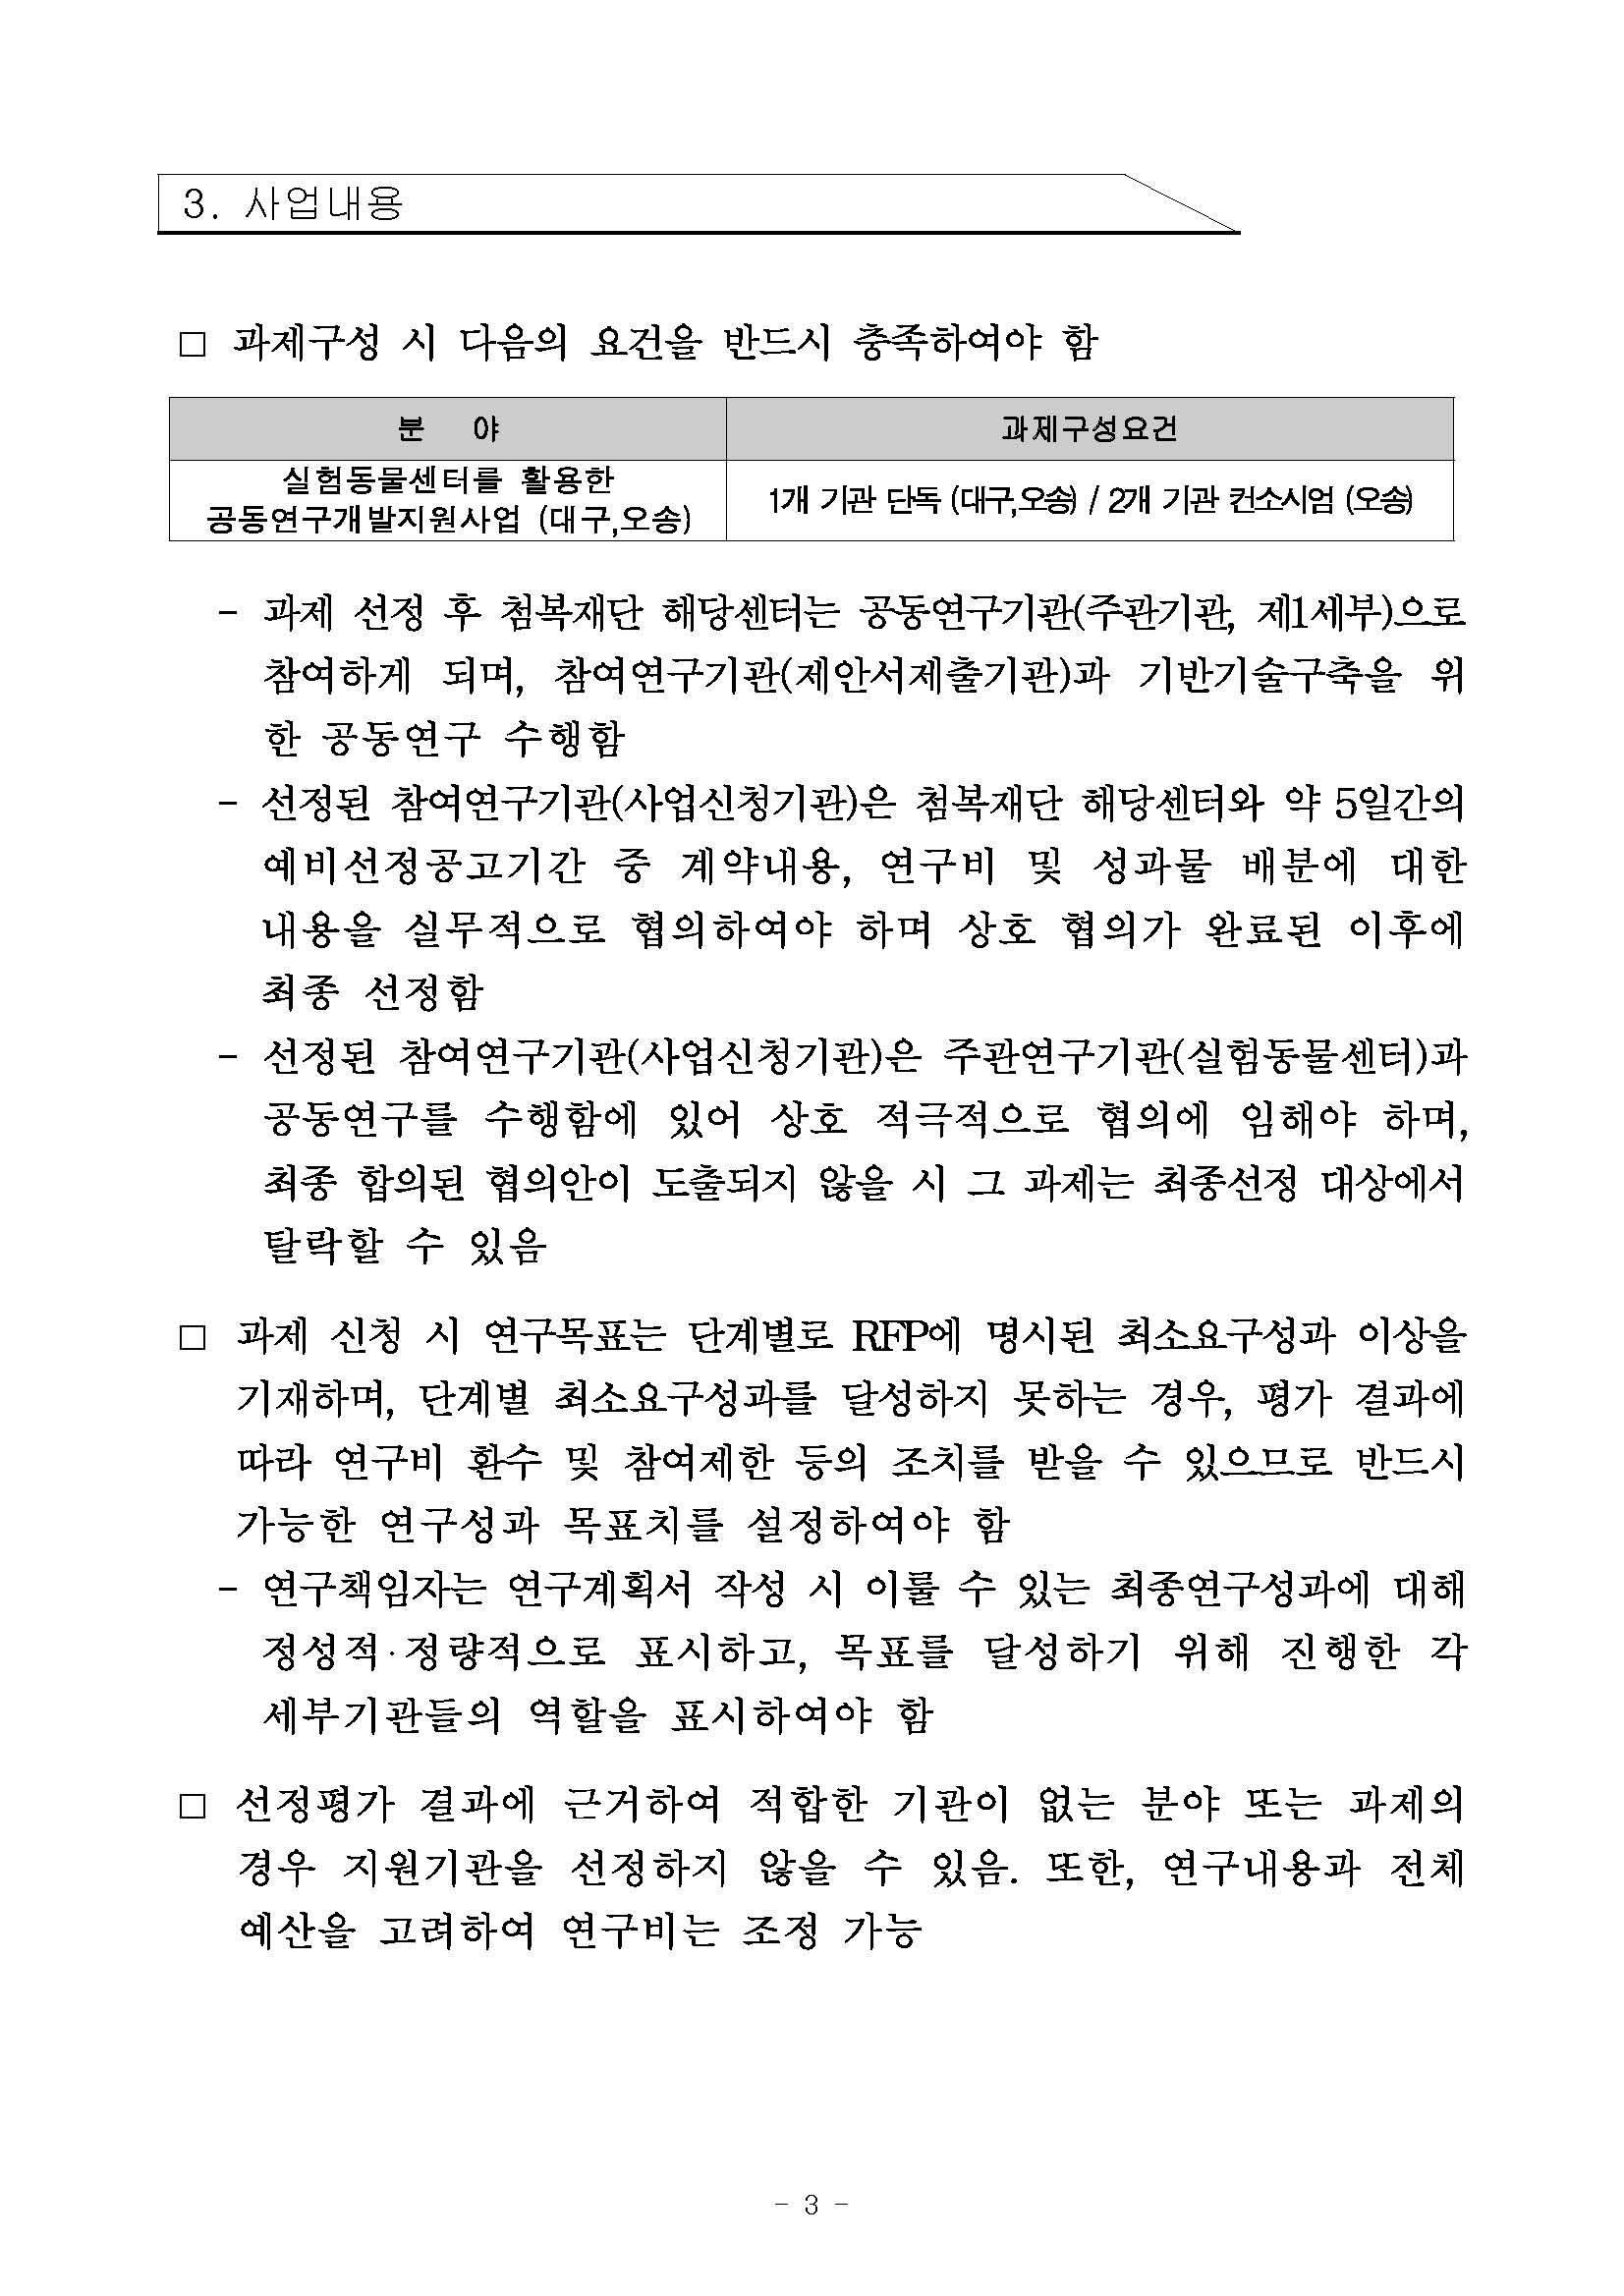 (붙임 1)_2015년도 첨단의료복합단지 연구개발지원사업 공고문_페이지_03.jpg